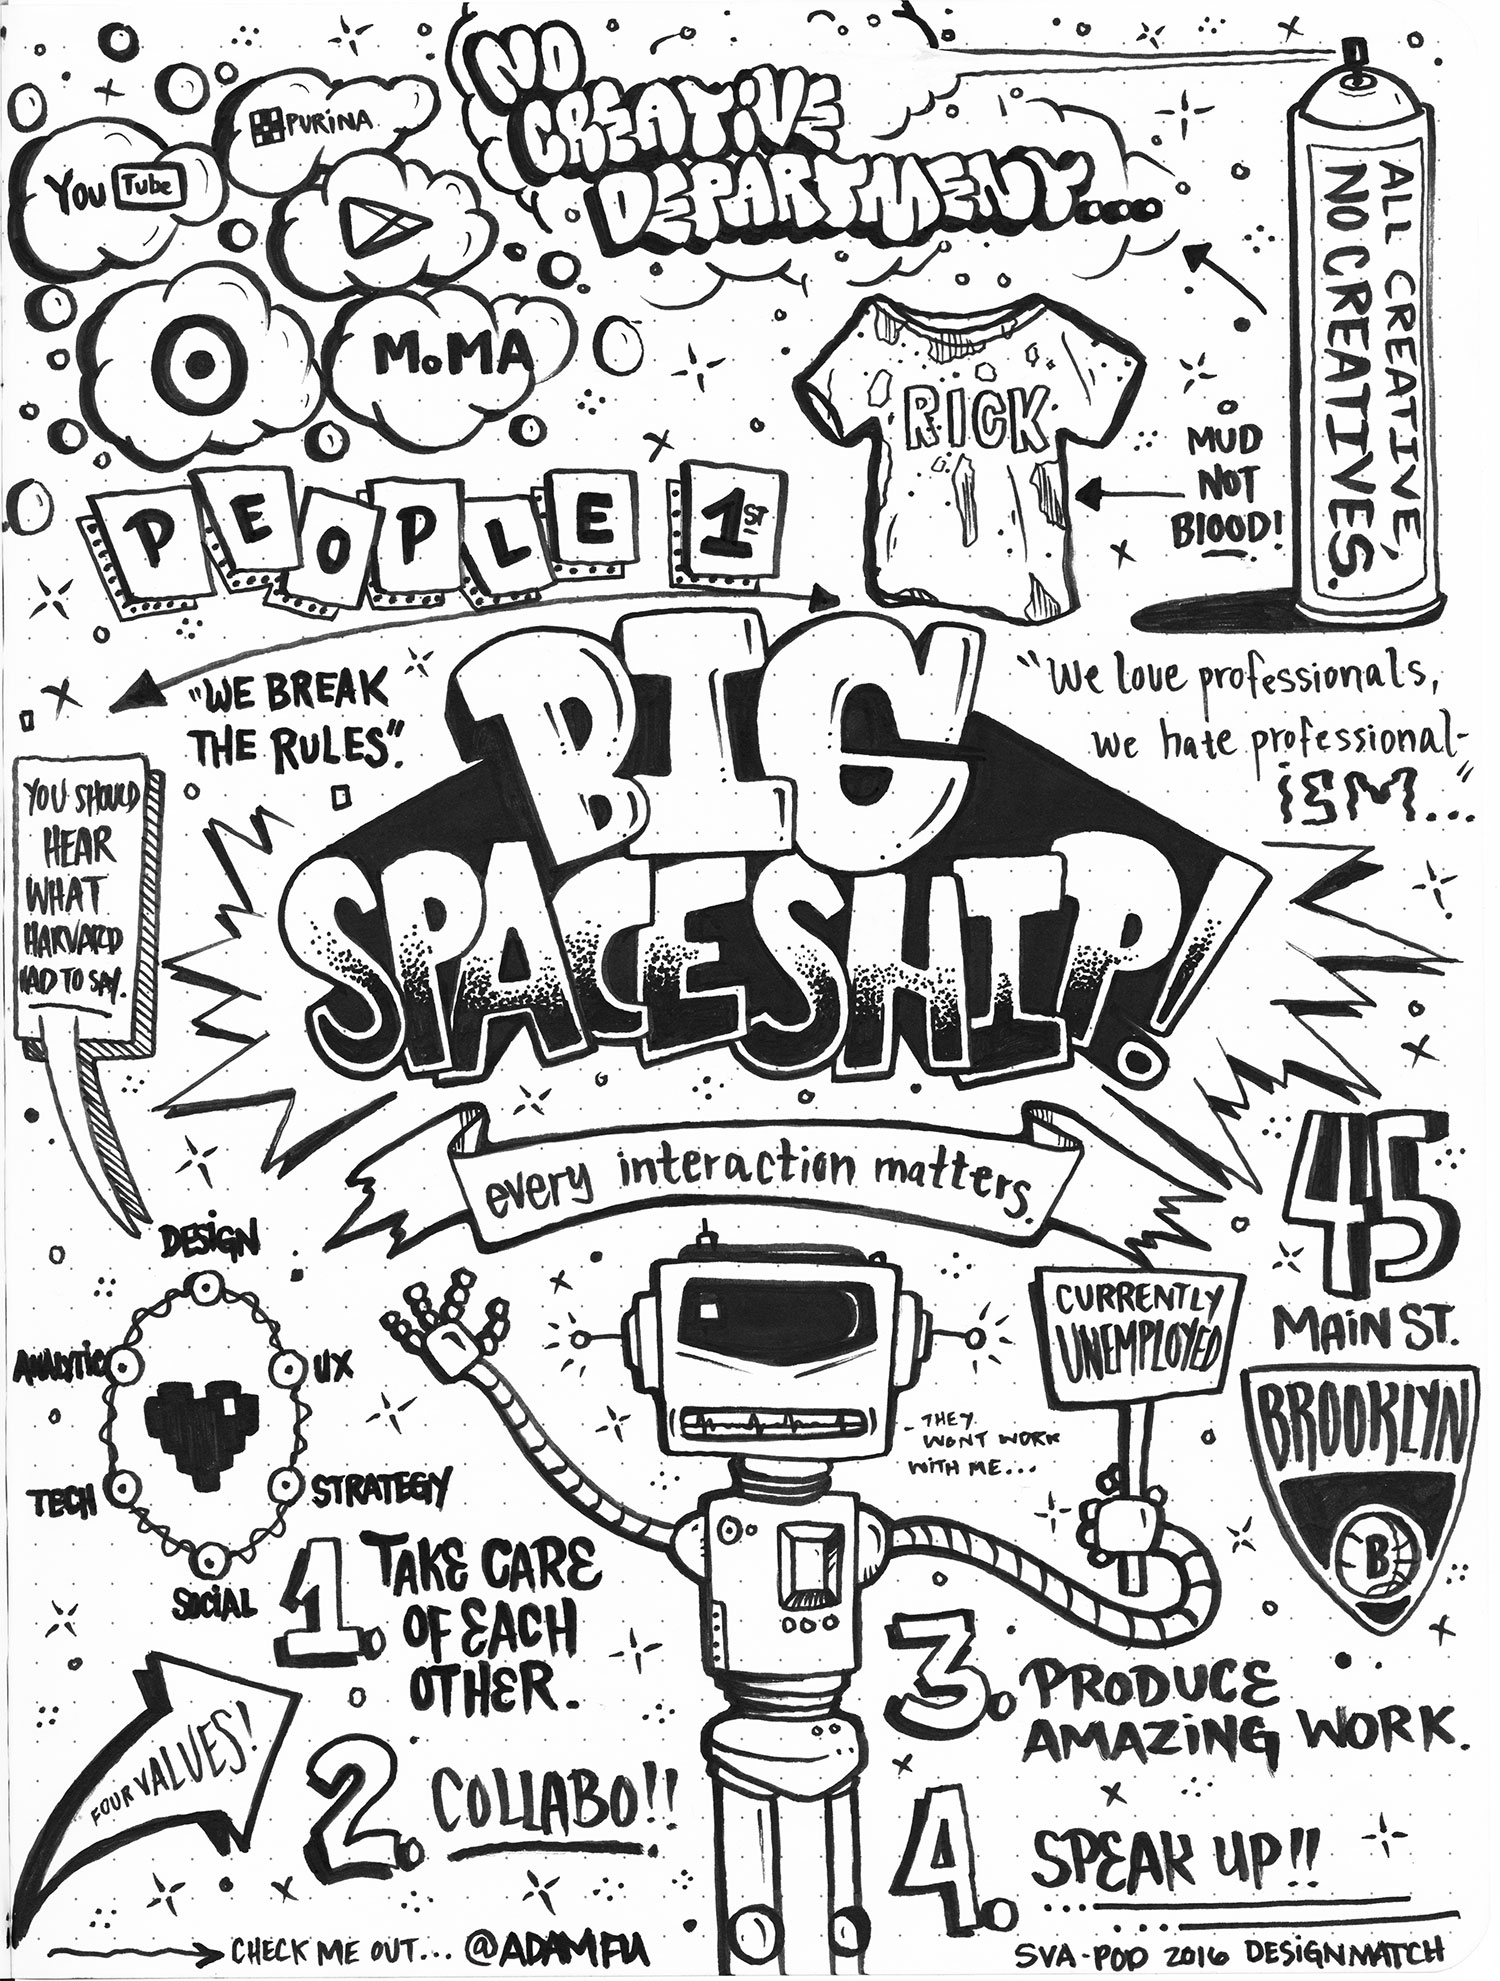 BIg-Spaceship-2.jpg